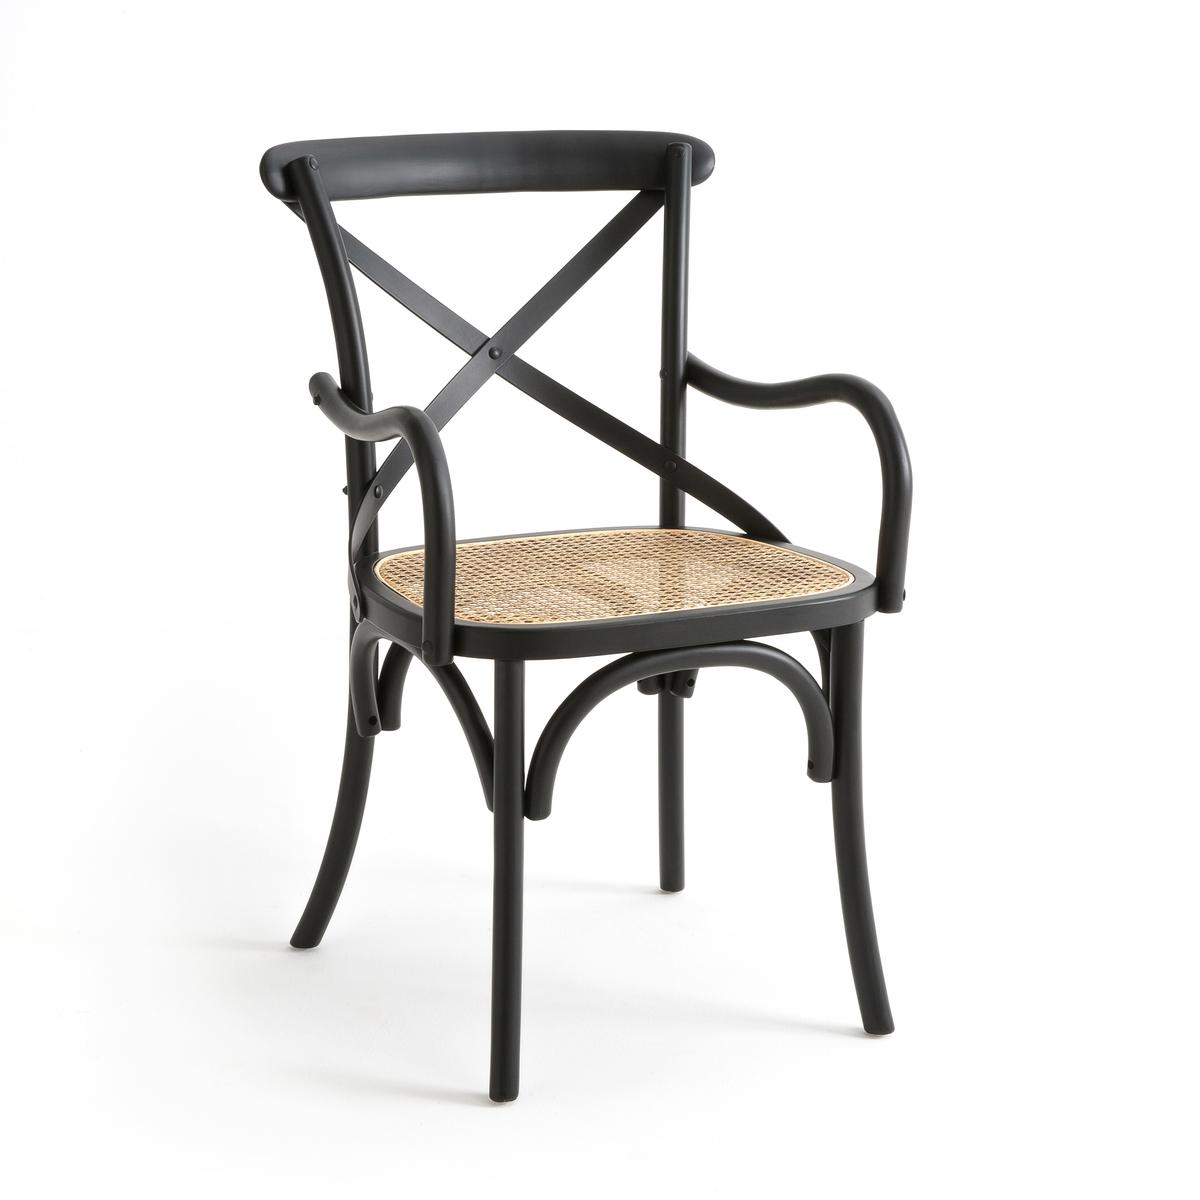 Кресло CedakКресло Cedak. Аутентичное и удобное кресло Cedak отлично будет смотреться за столом в столовой, в гостиной или в вашем рабочем кабинете . Описание кресла Cedak : Изогнутая спинка с перекрещиванием . Плетеное сиденье . Характеристики кресла Cedak : массив бука с черным матовым покрытием, отделка НЦ-лаком . Плетеное сиденье (настоящее плетение). Всю коллекцию Cedak Вы найдете на laredoute.ruРазмеры кресла Cedak : Общие Длина : 54 см Высота : 88 см Глубина : 59 см Сиденье : H47 cm Размеры и вес ящика : 1 упаковка 56 x 94 x 61 cм, 9 kгДоставка : Кресло Cedakпродается в собранном виде . Доставка до квартиры !  ! Убедитесь в том, что товар возможно доставить на дом, учитывая его габариты (проходит в двери, по лестницам, в лифты).<br><br>Цвет: черный